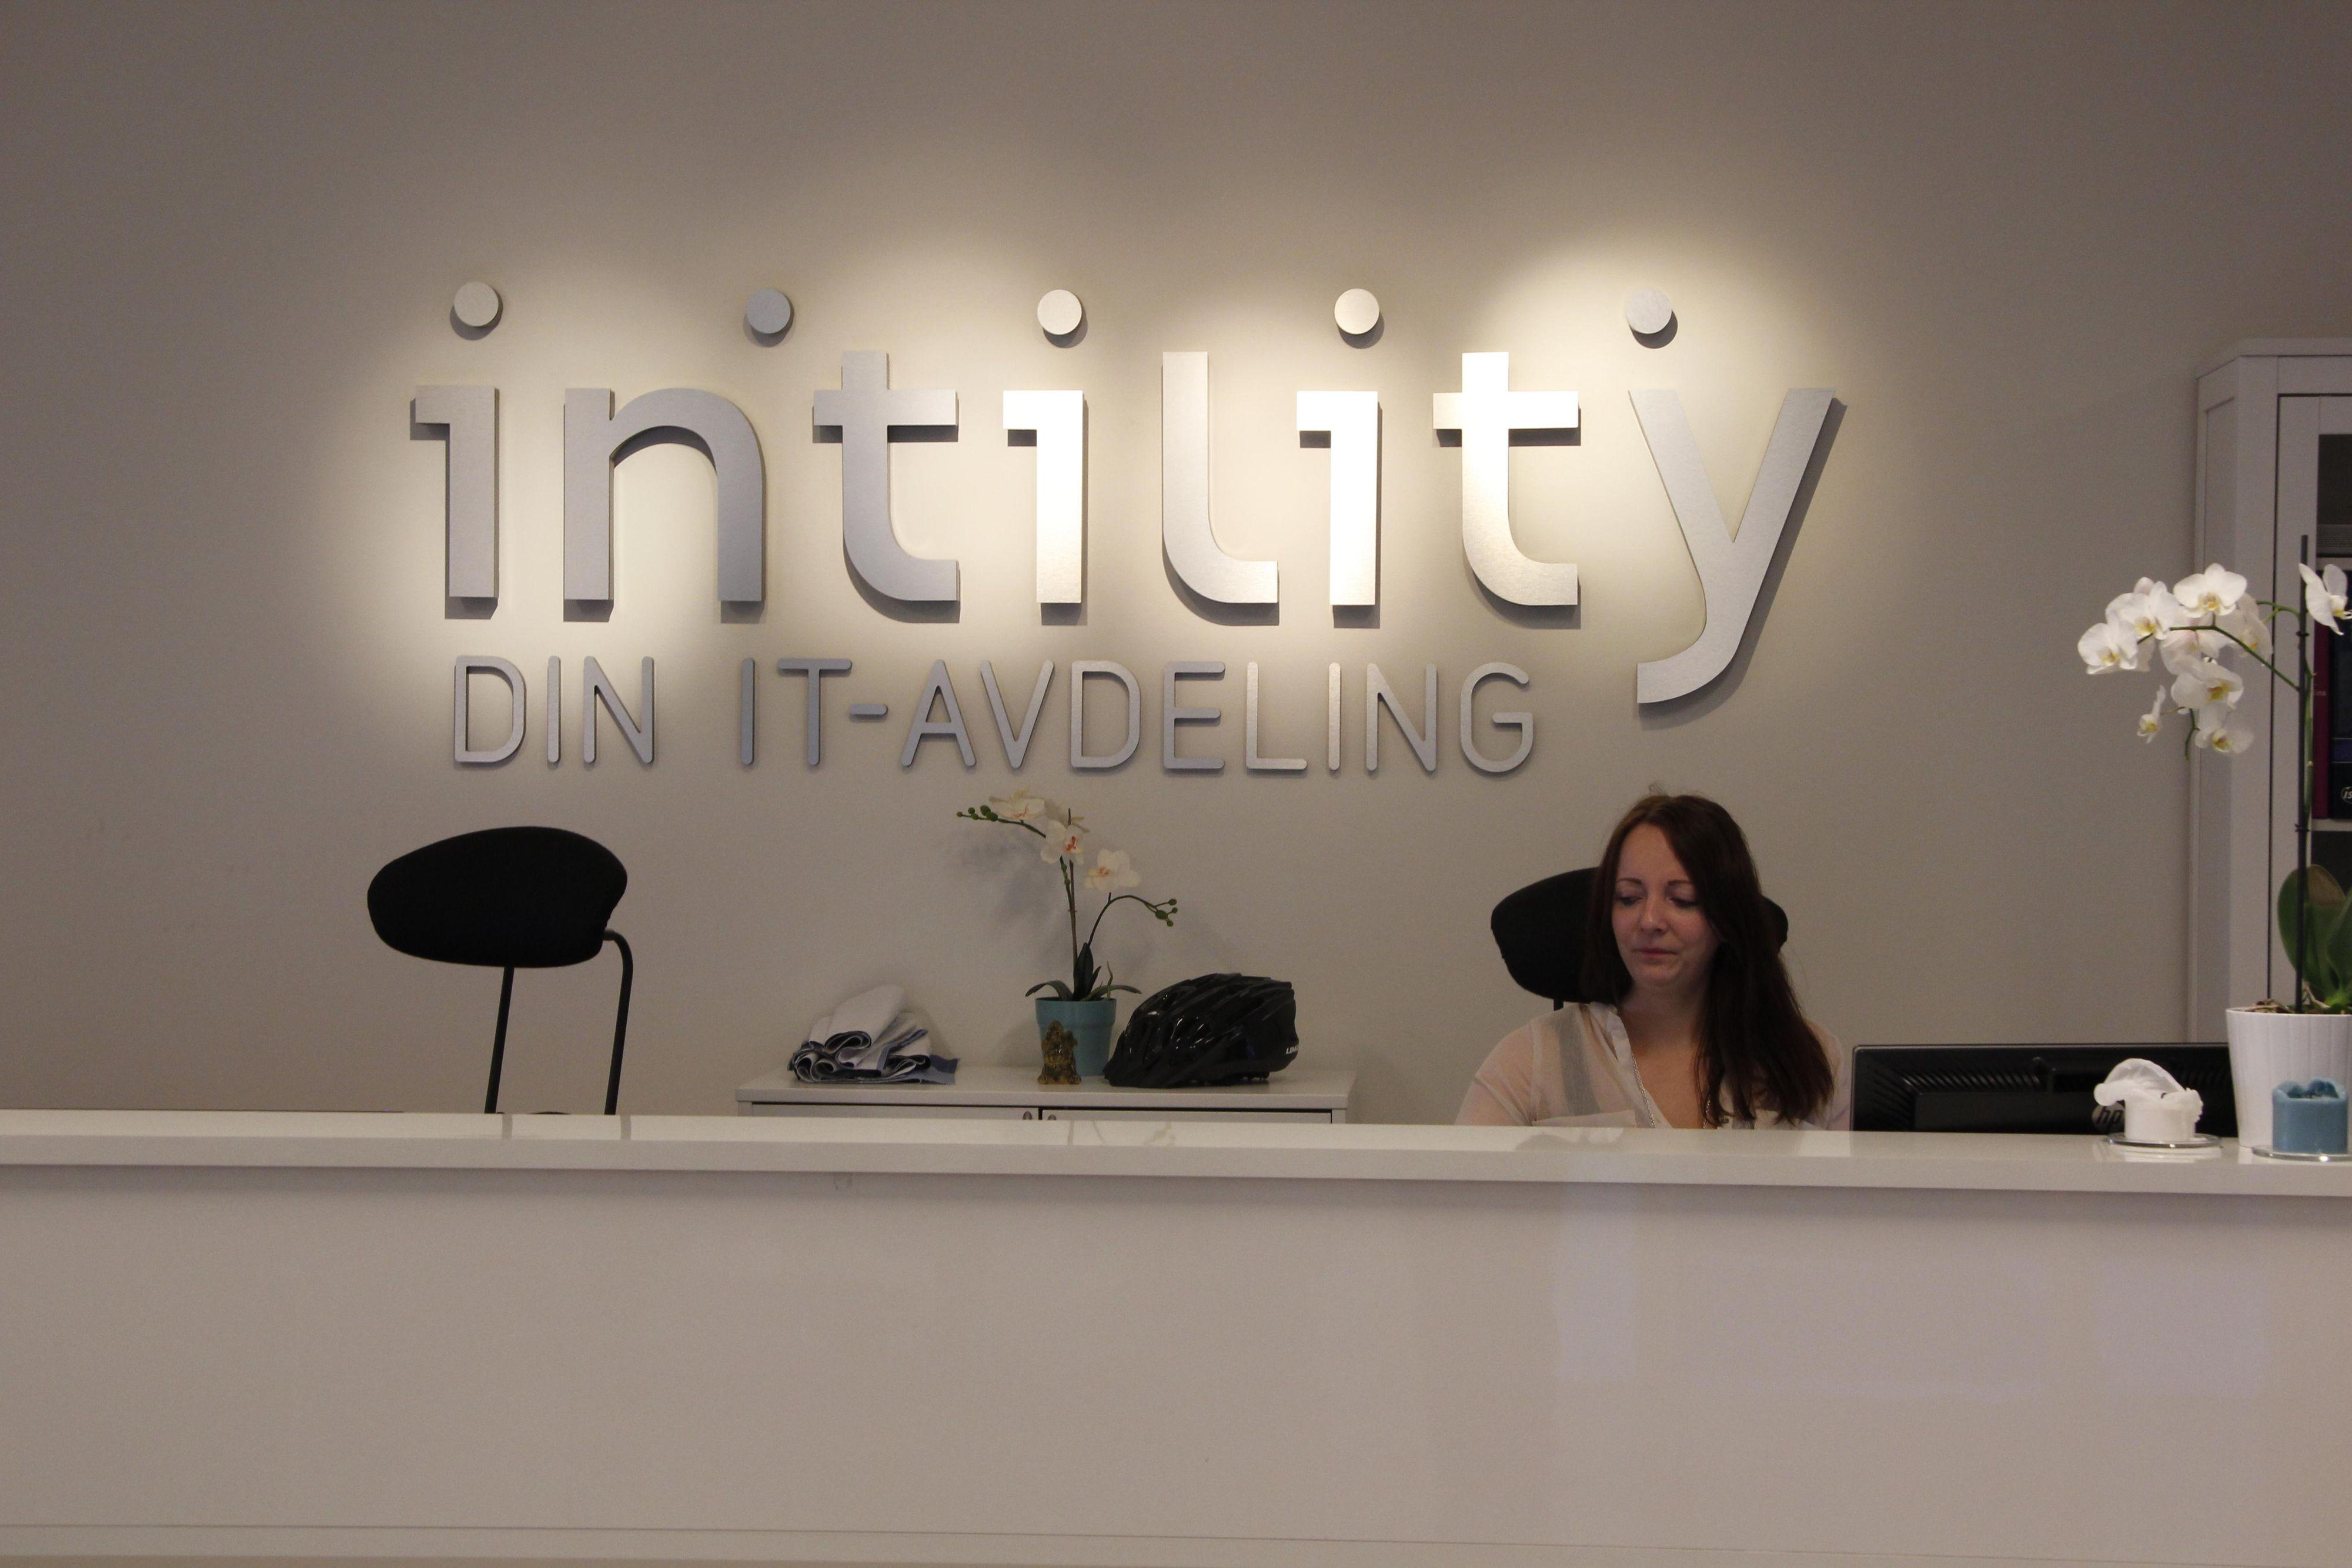 Intility profilerer seg som Din IT-avdeling.Foto: Atle Skretting